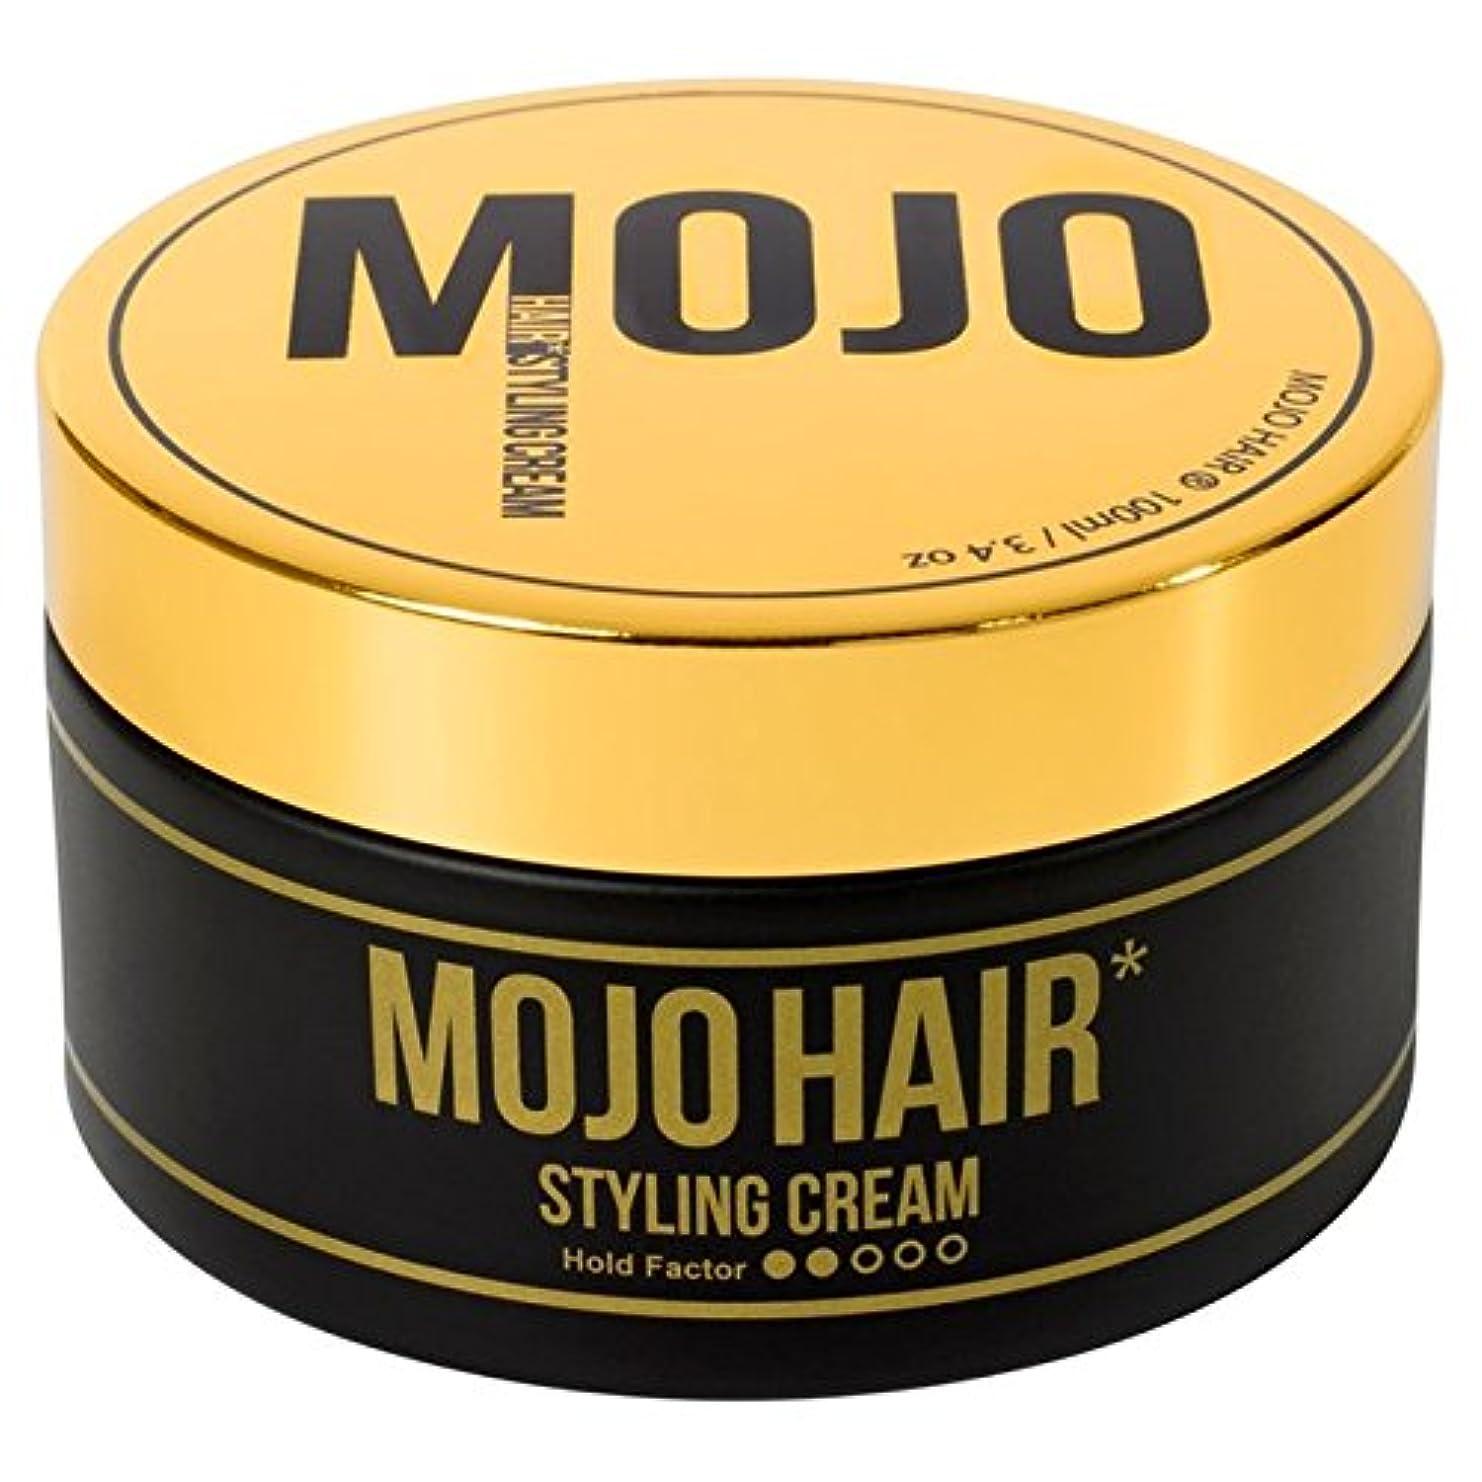 墓地メイド興奮100ミリリットル男性のためのモジョのヘアスタイリングクリーム x2 - MOJO HAIR Styling Cream for Men 100ml (Pack of 2) [並行輸入品]